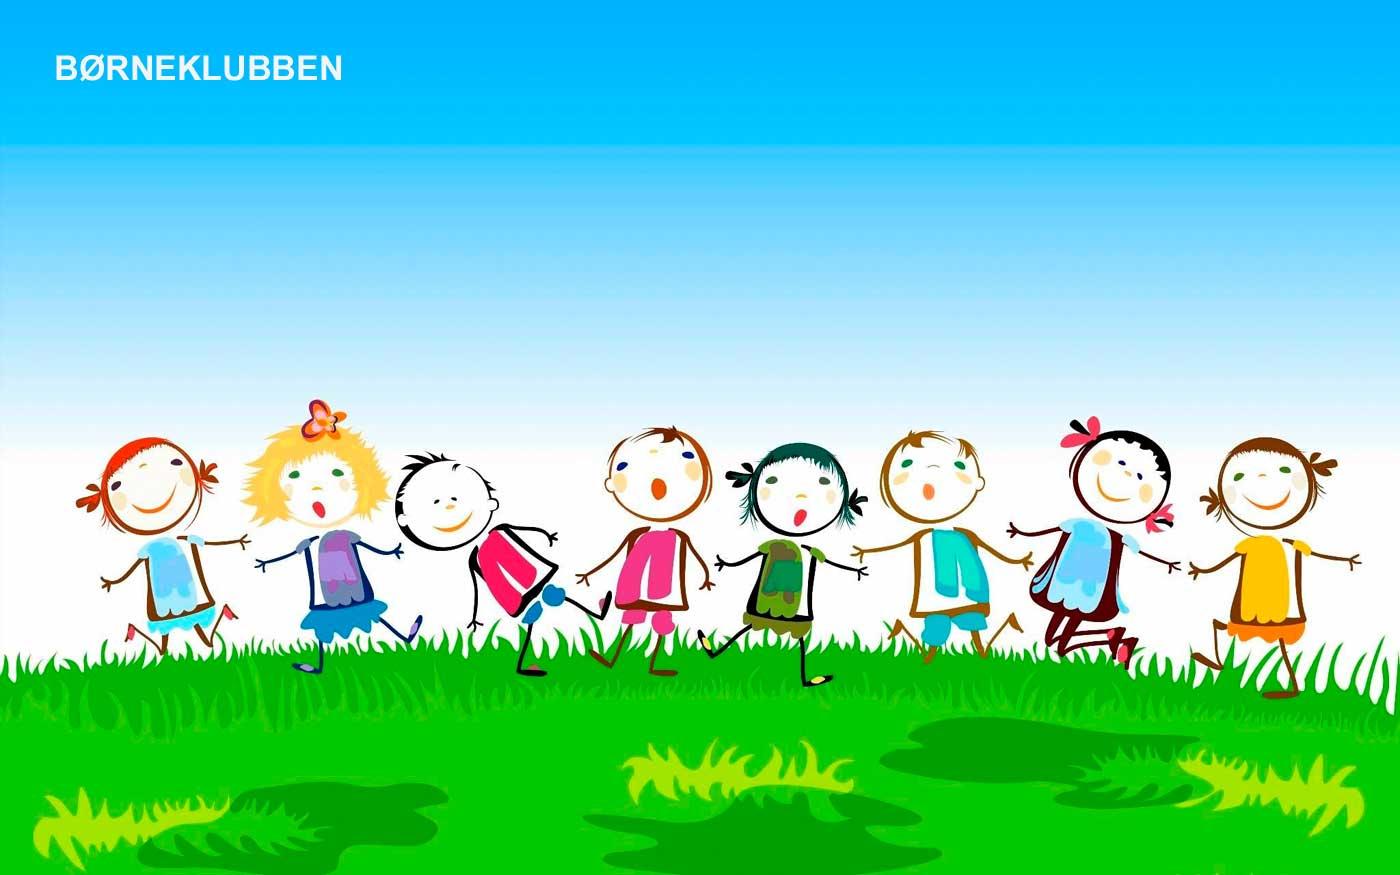 Børneklubben